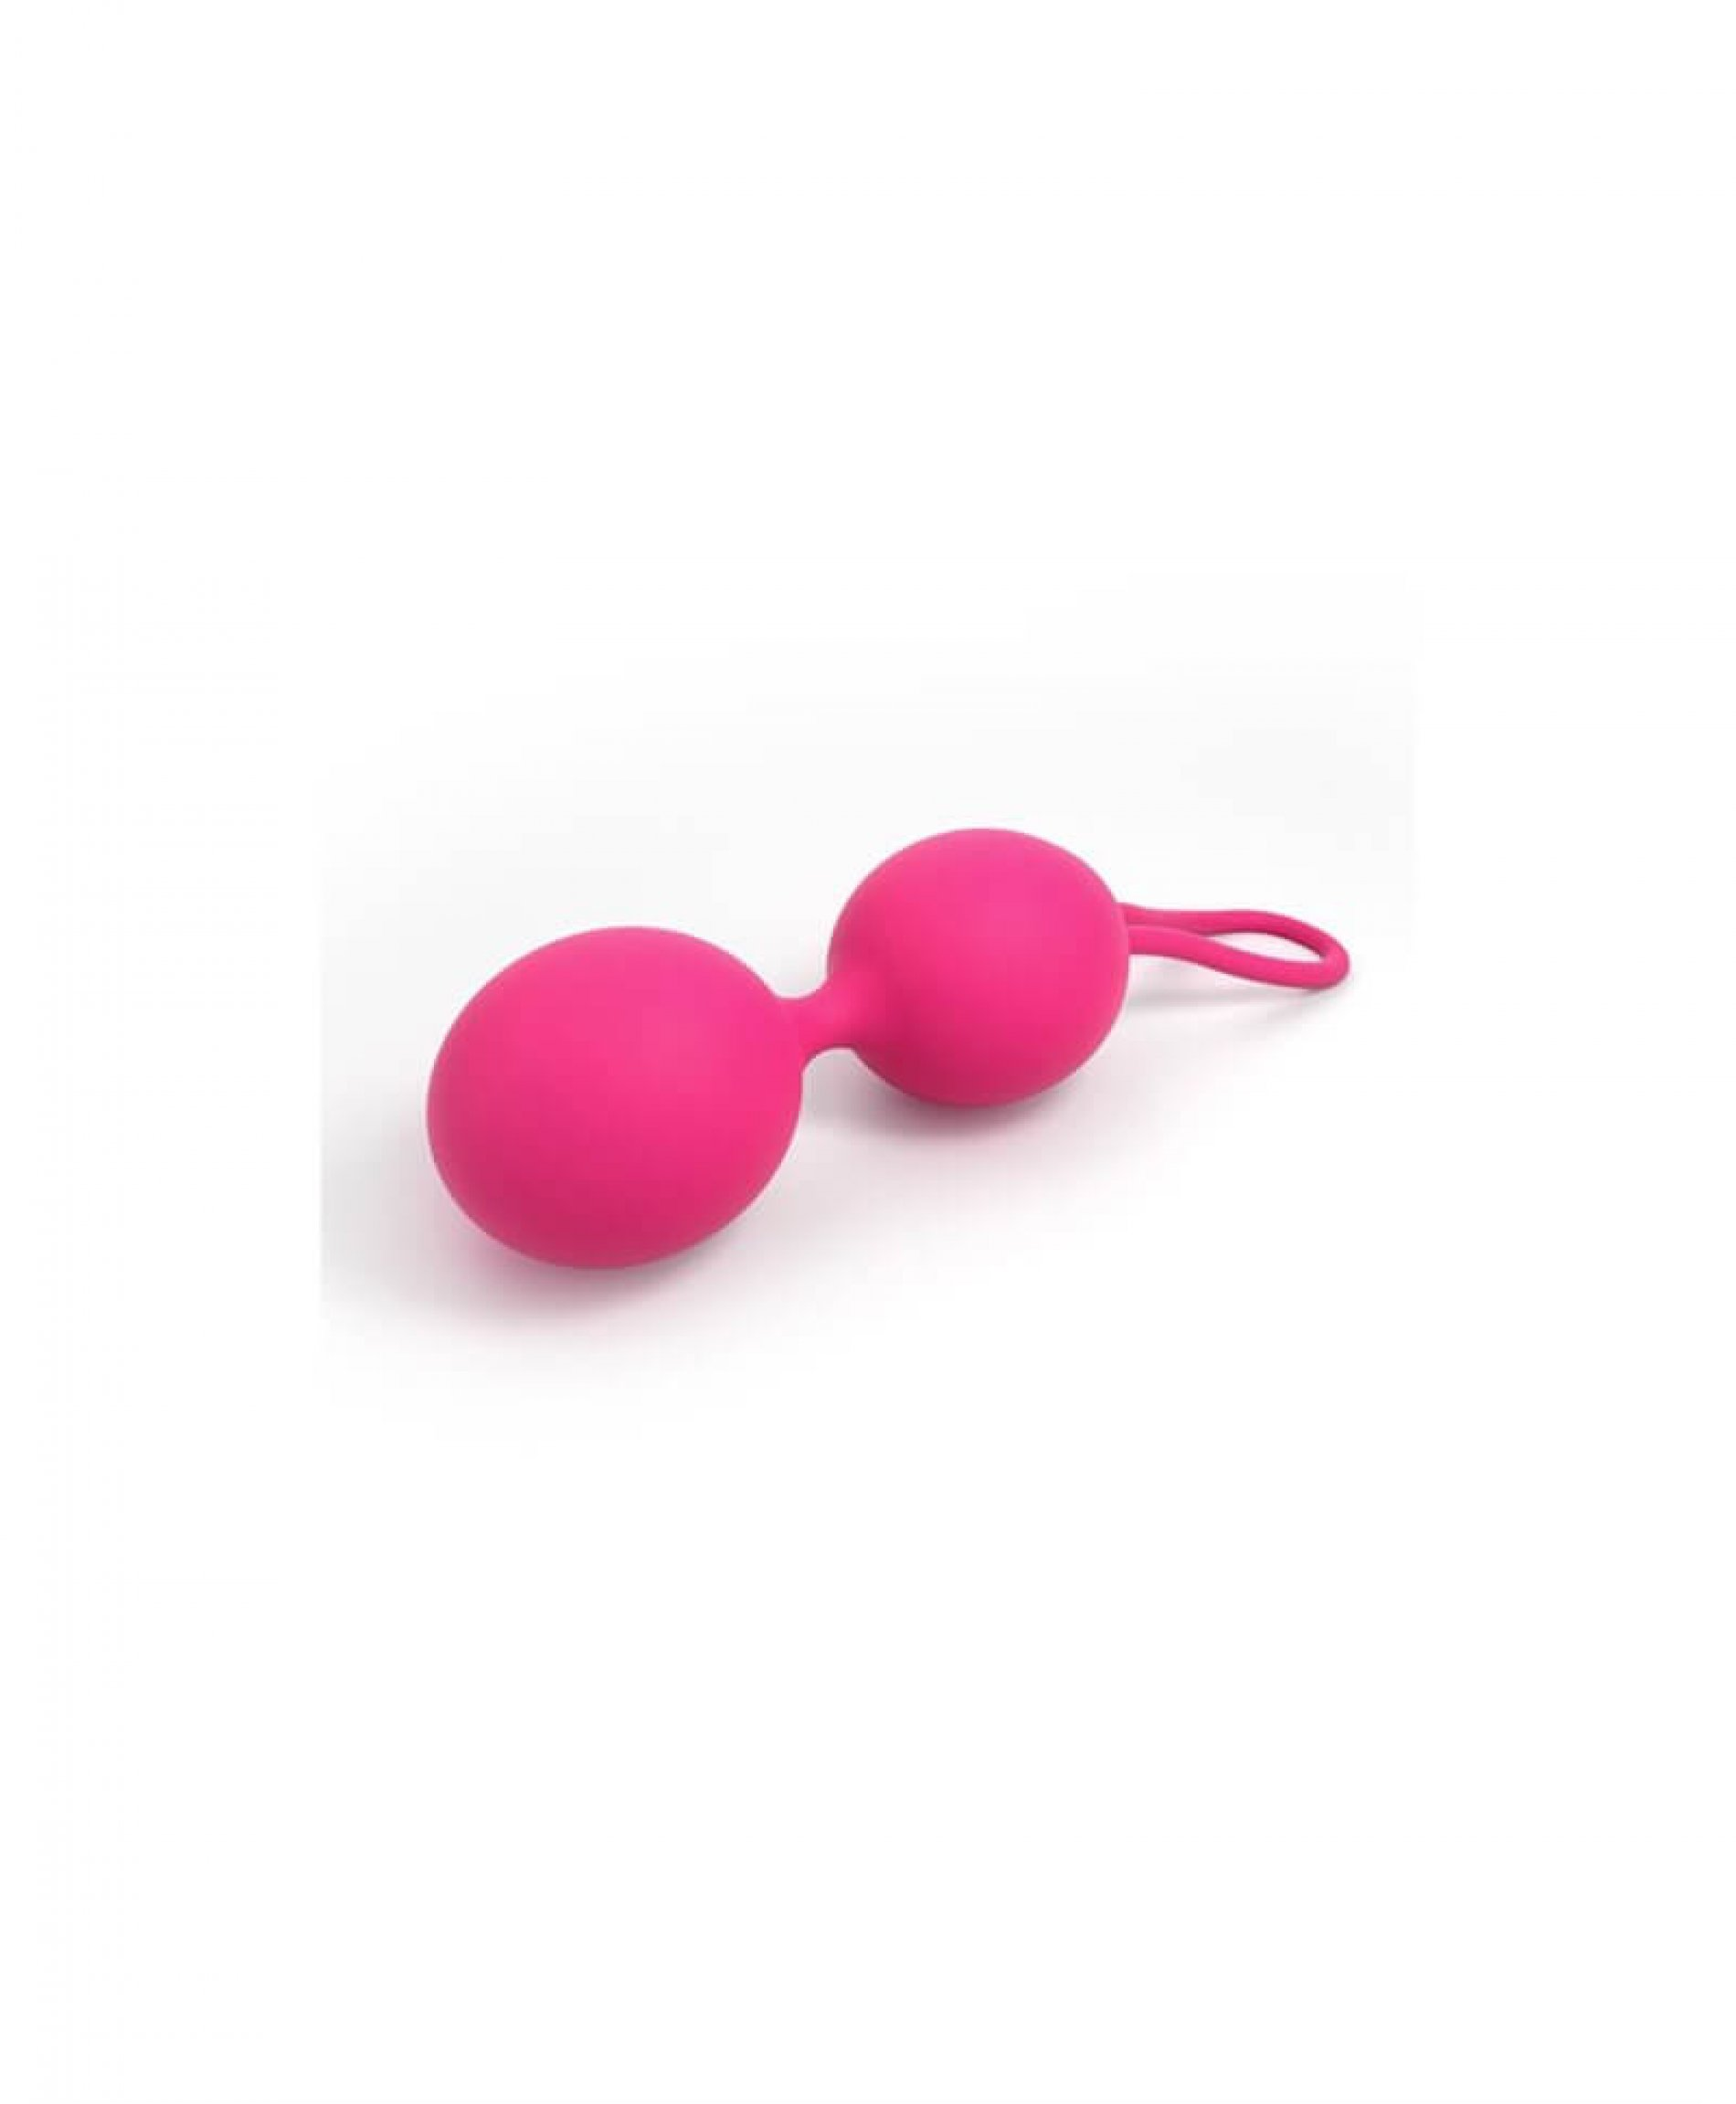 Dorcel Dual balls